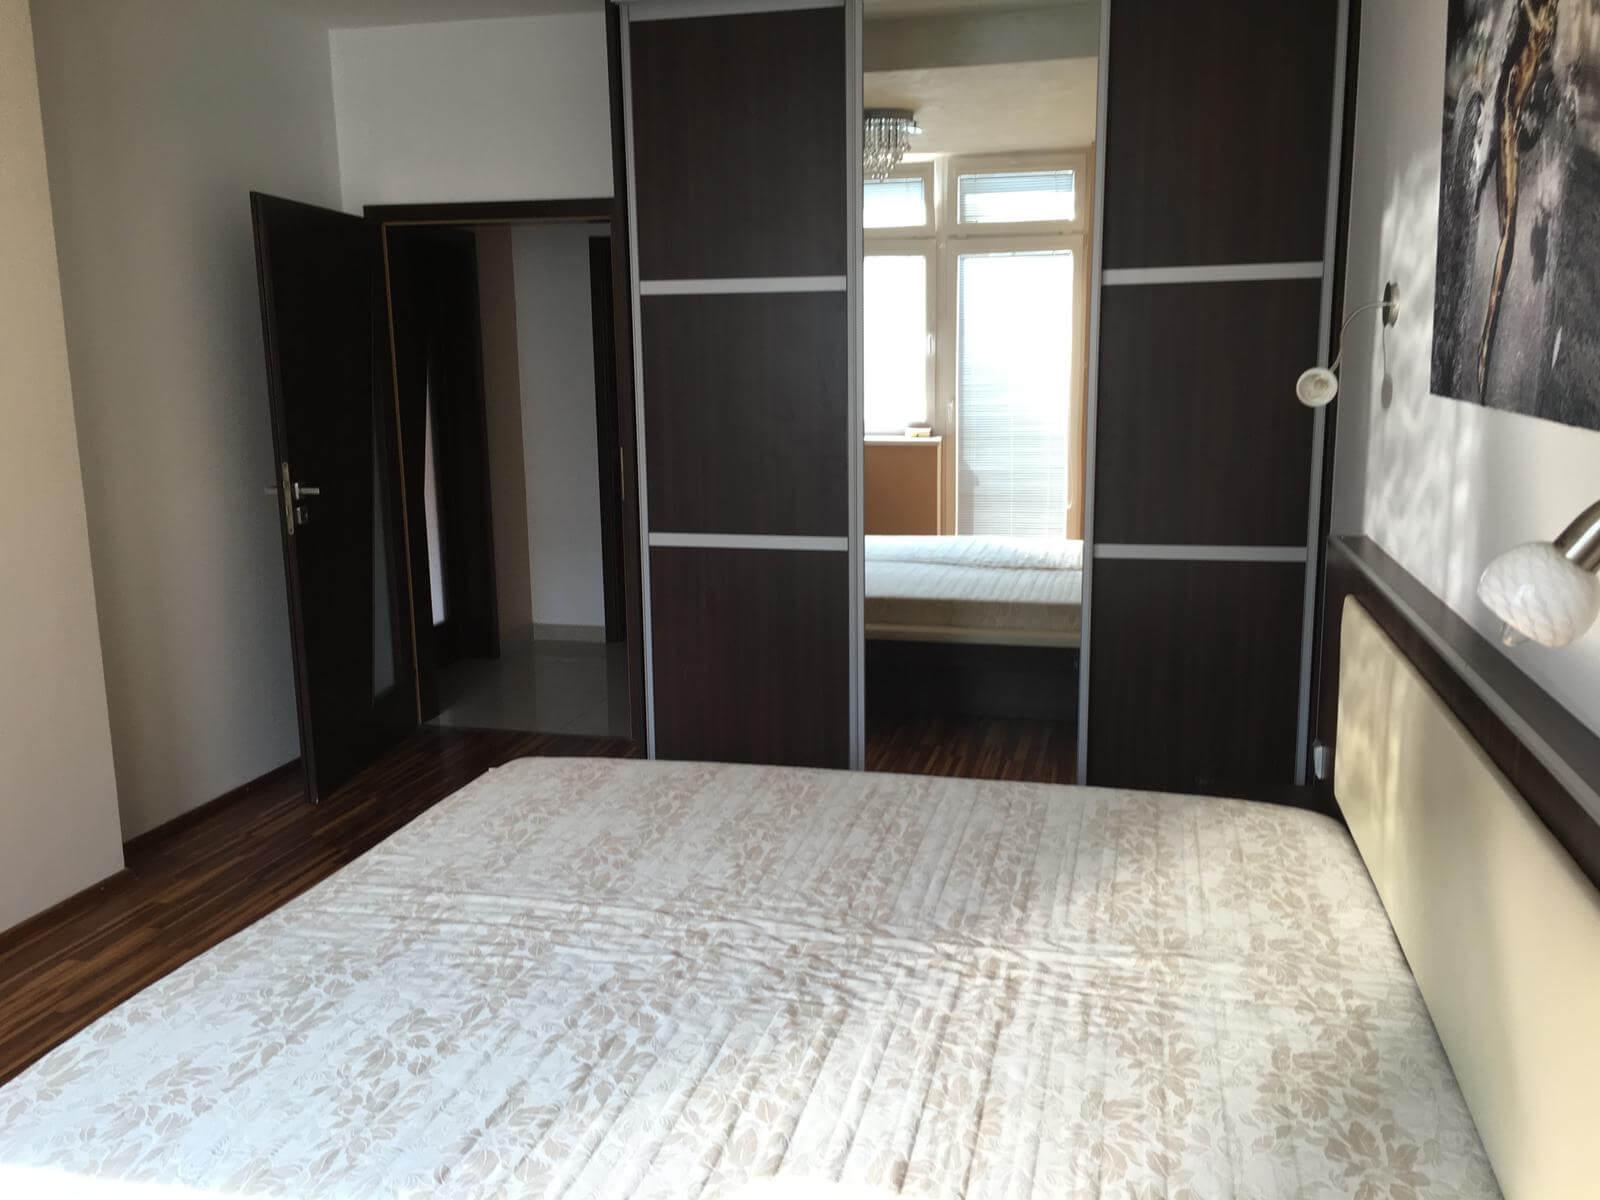 Prenajate: Prenájom 4 izbového luxusného bytu, Pri Slavíne, novostavba, 2x parkovanie, Boženy Nemcovej, Centrum-22